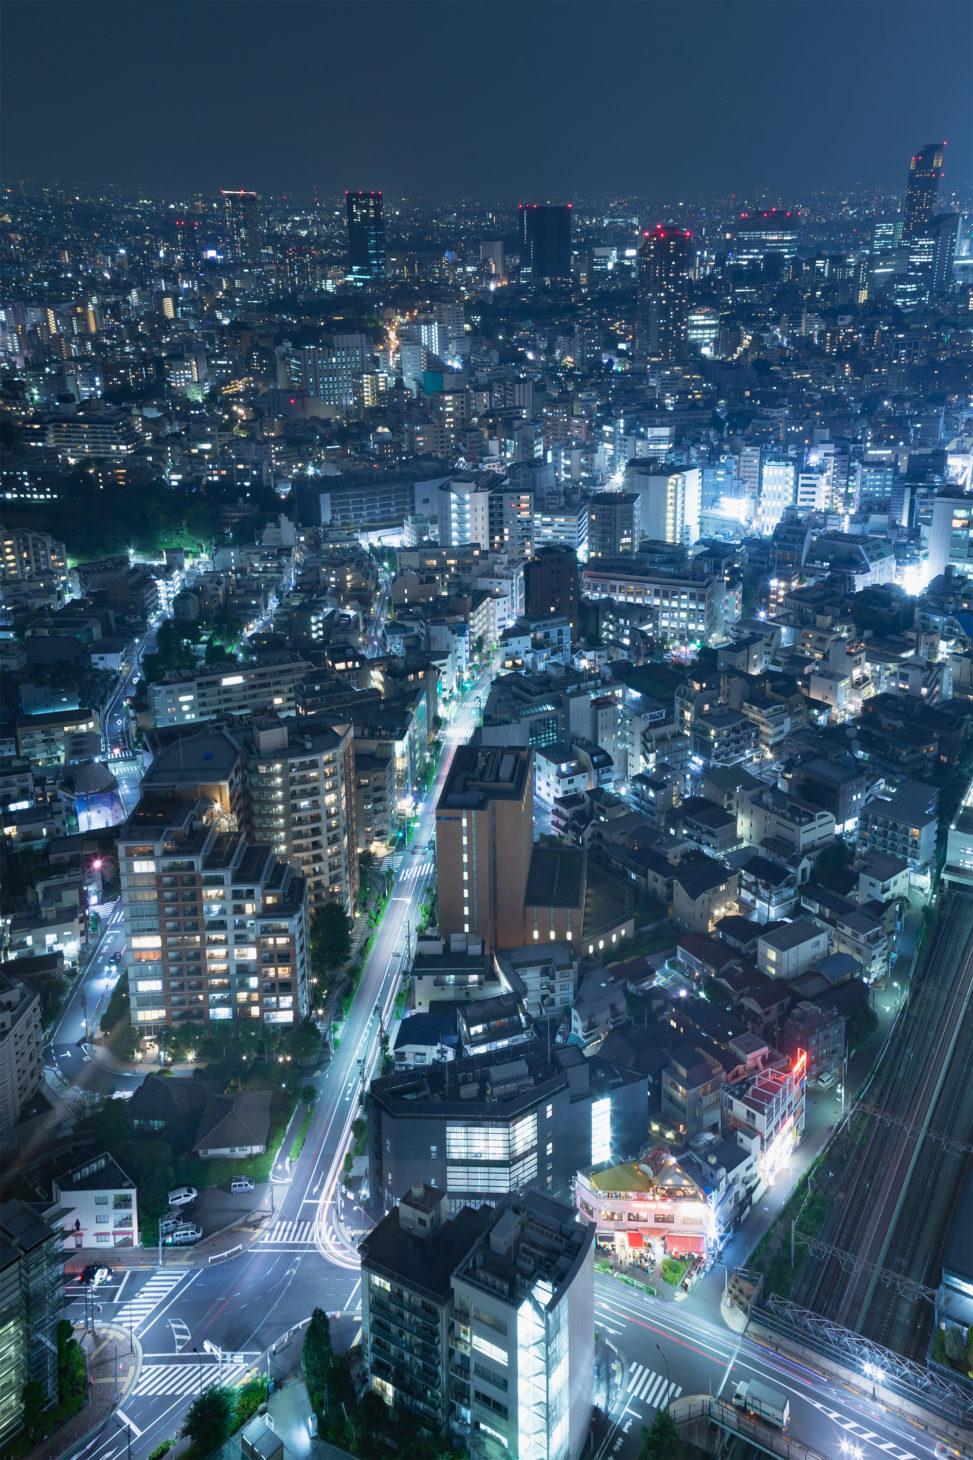 東京の夜景02のフリー写真素材